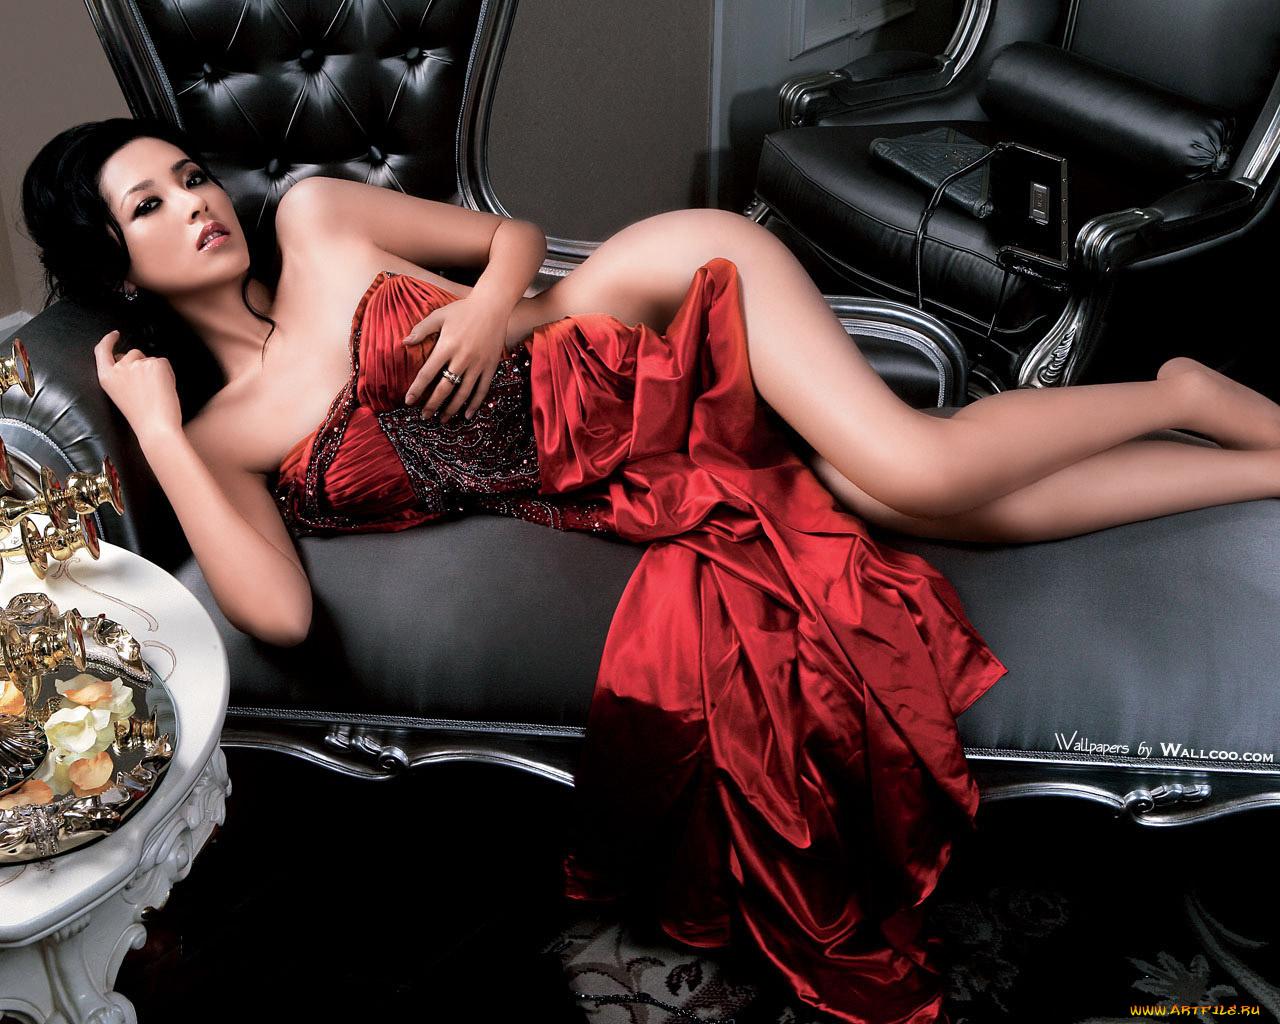 Фото секси гламурных, Гламурные девушки с шикарными прелестями. Фото 13 фотография